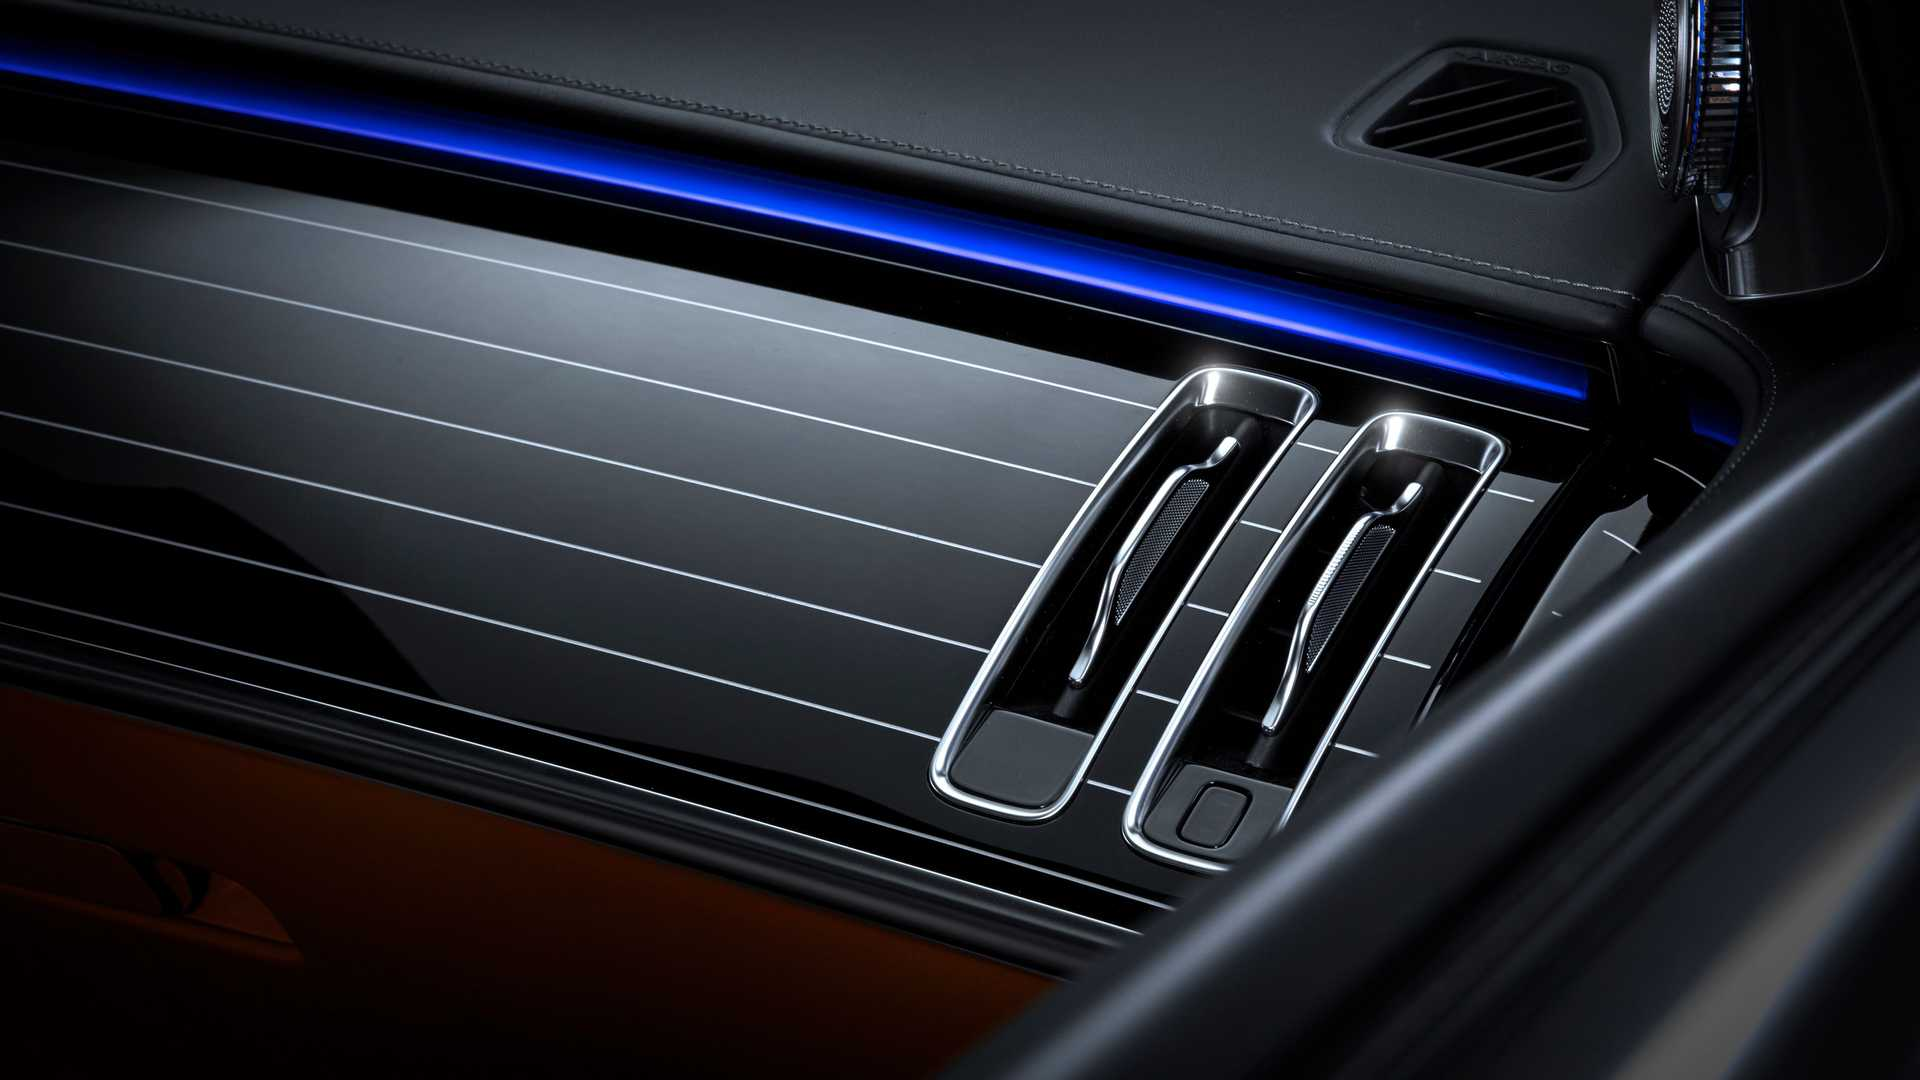 2021-mercedes-benz-s-class-ambient-lighting